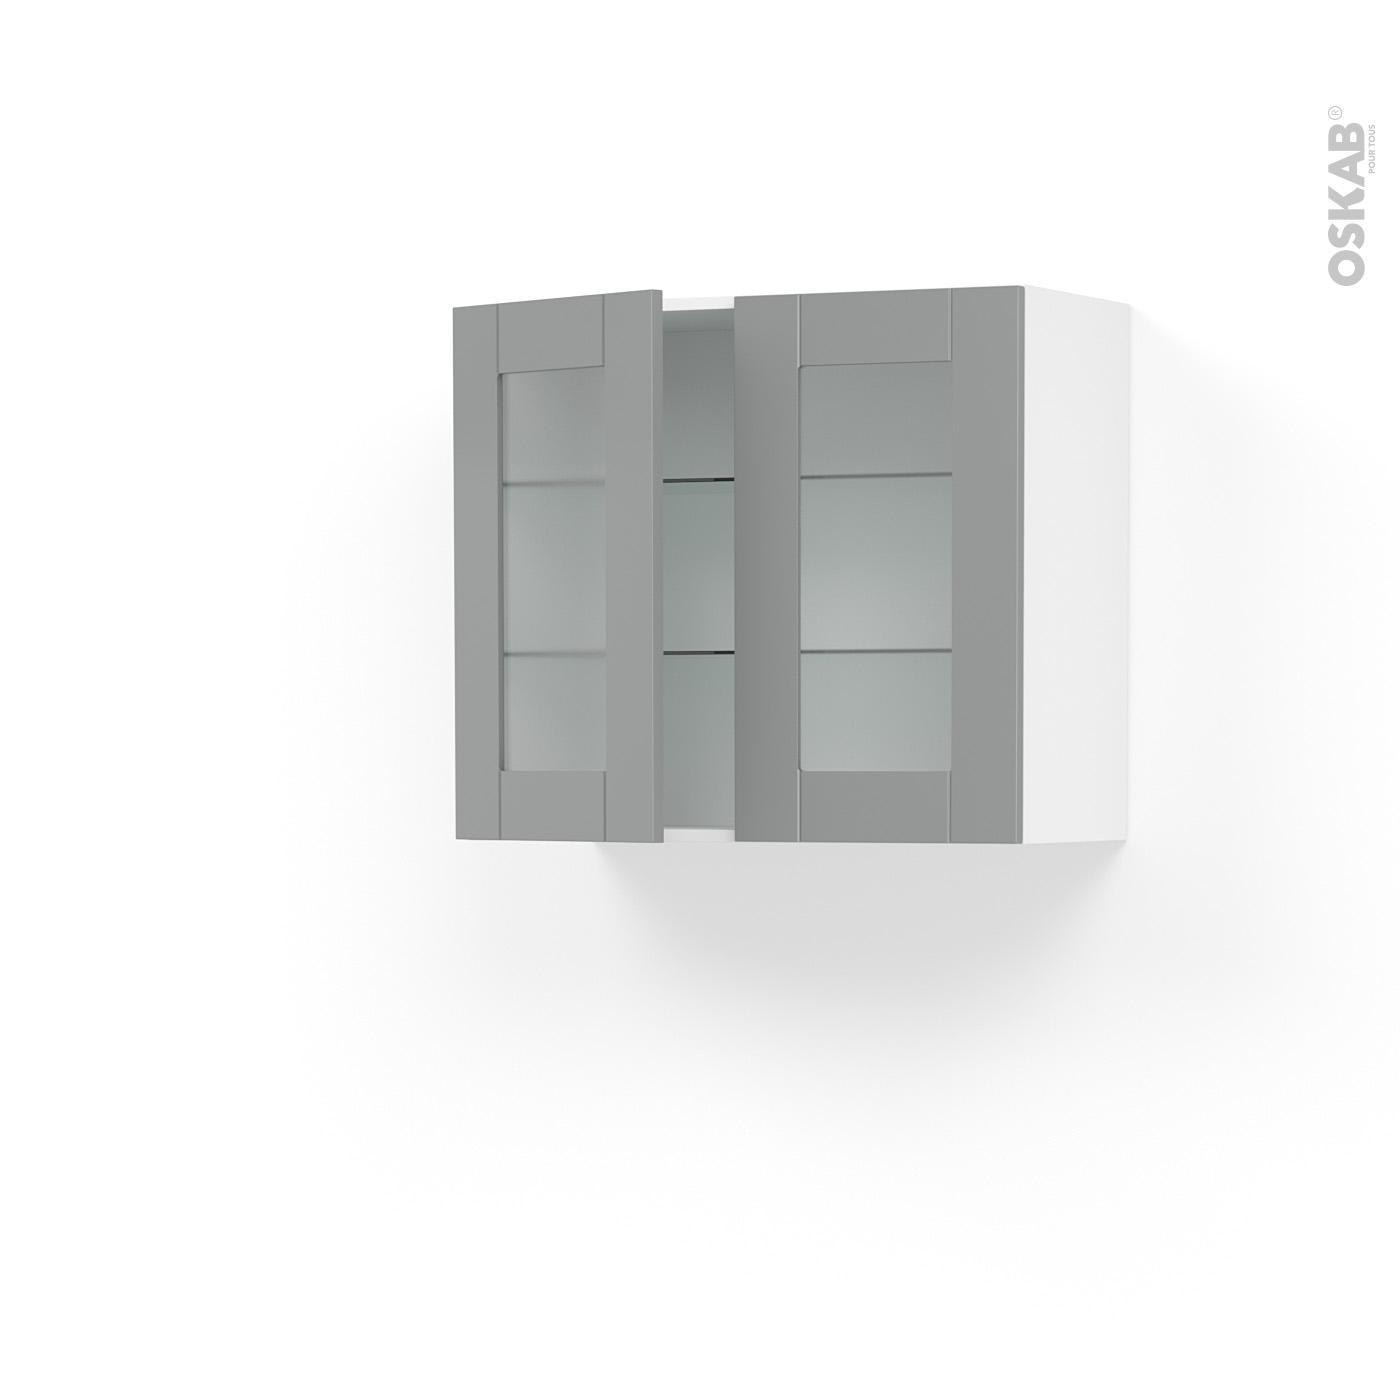 Meuble Cuisine Ikea Vide Sanitaire meuble de cuisine haut ouvrant vitré filipen gris, 2 portes, l80 x h70 x  p37 cm